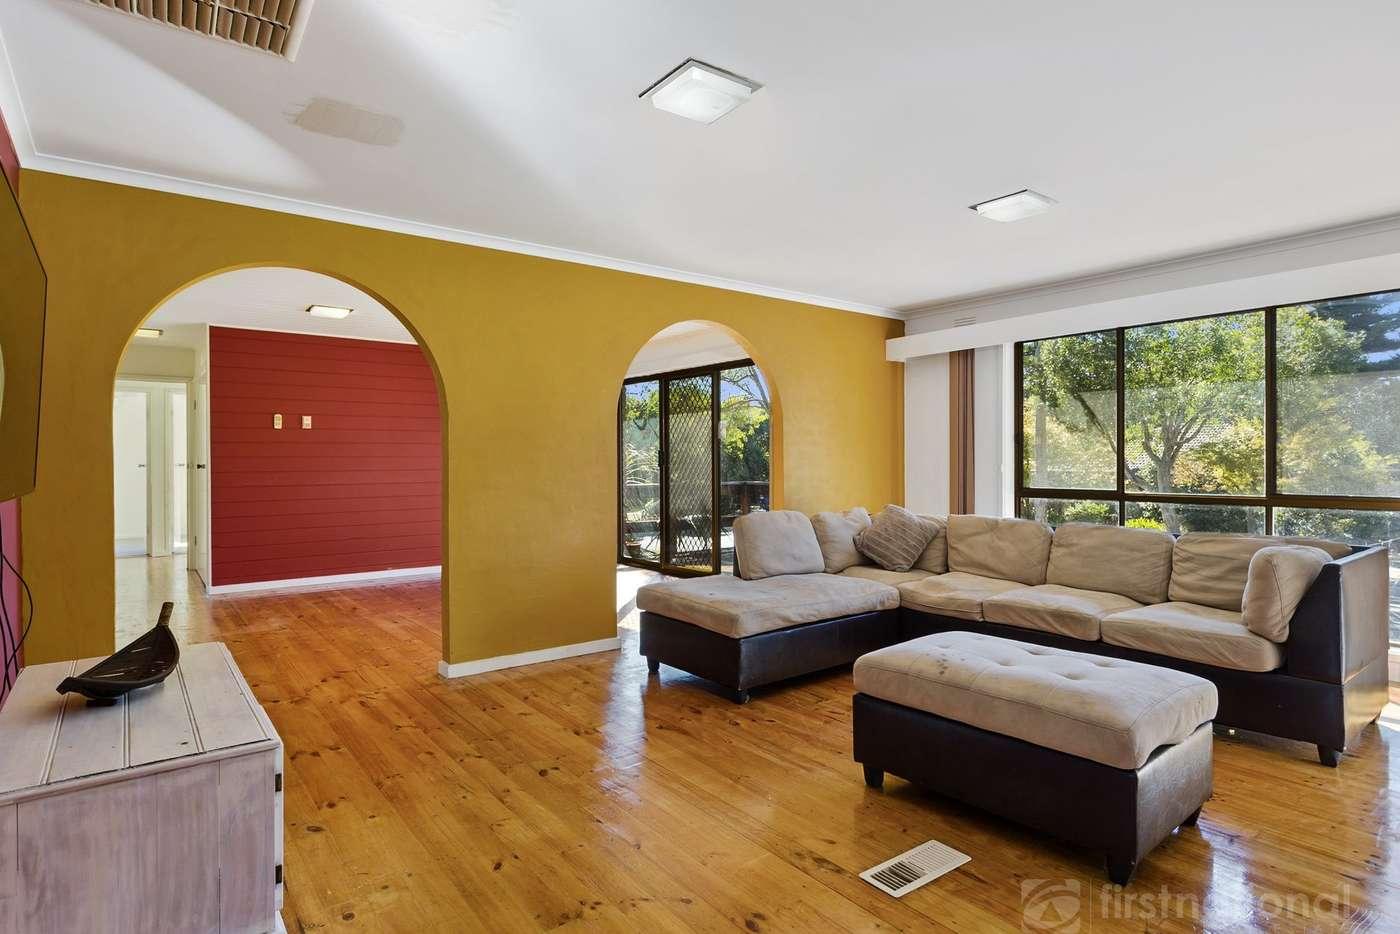 Sixth view of Homely house listing, 29 Santa Barbara Drive, Frankston VIC 3199